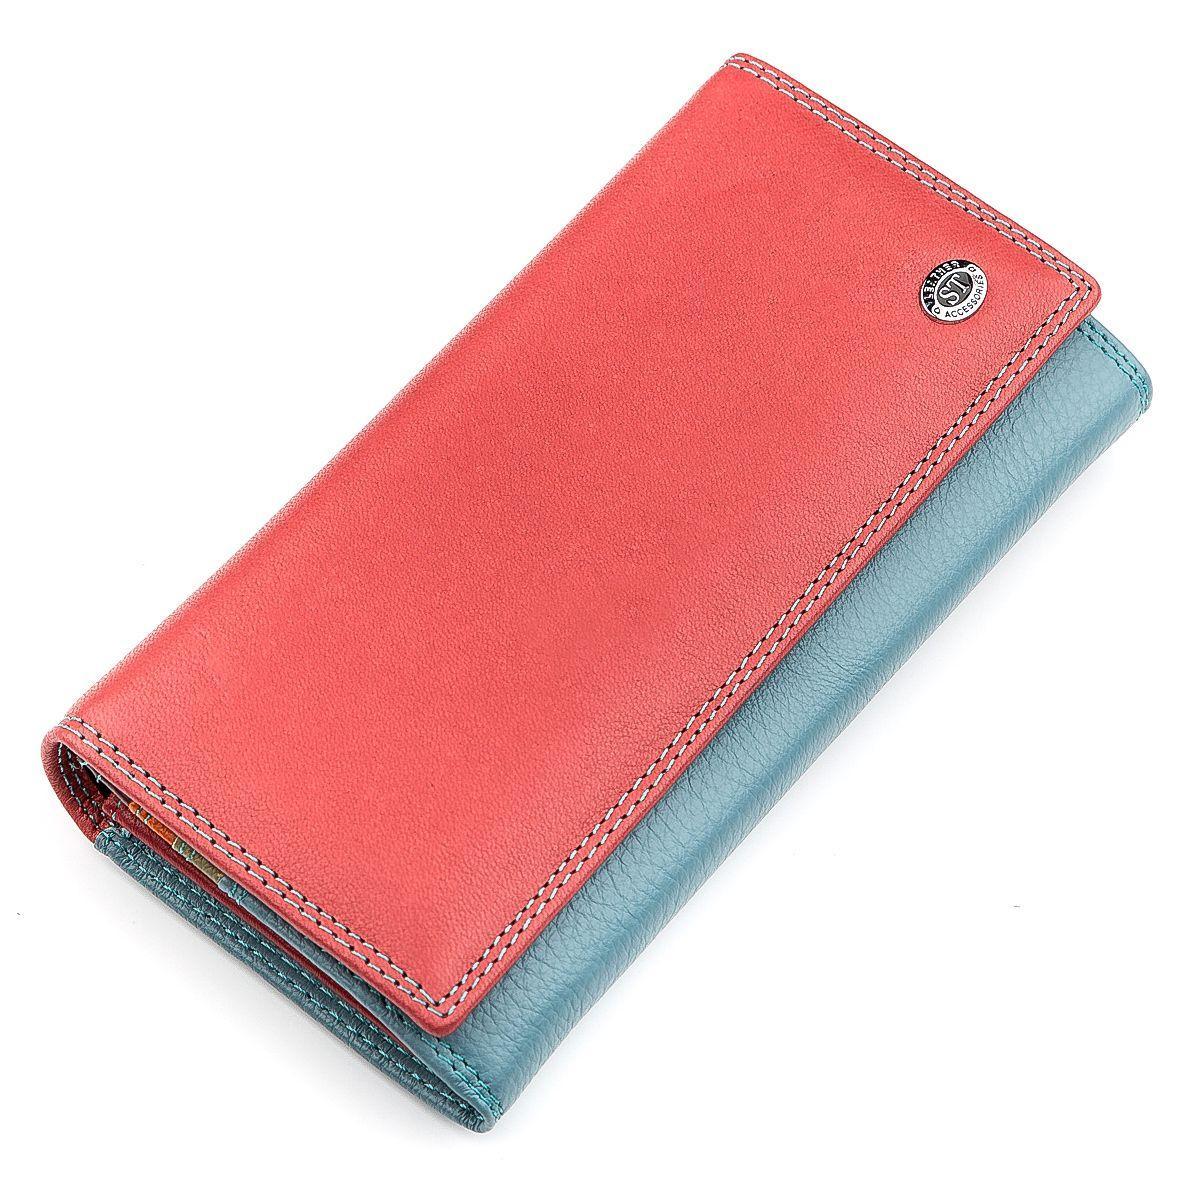 Кошелек женский ST Leather 18361 (SB634) летний Розовый